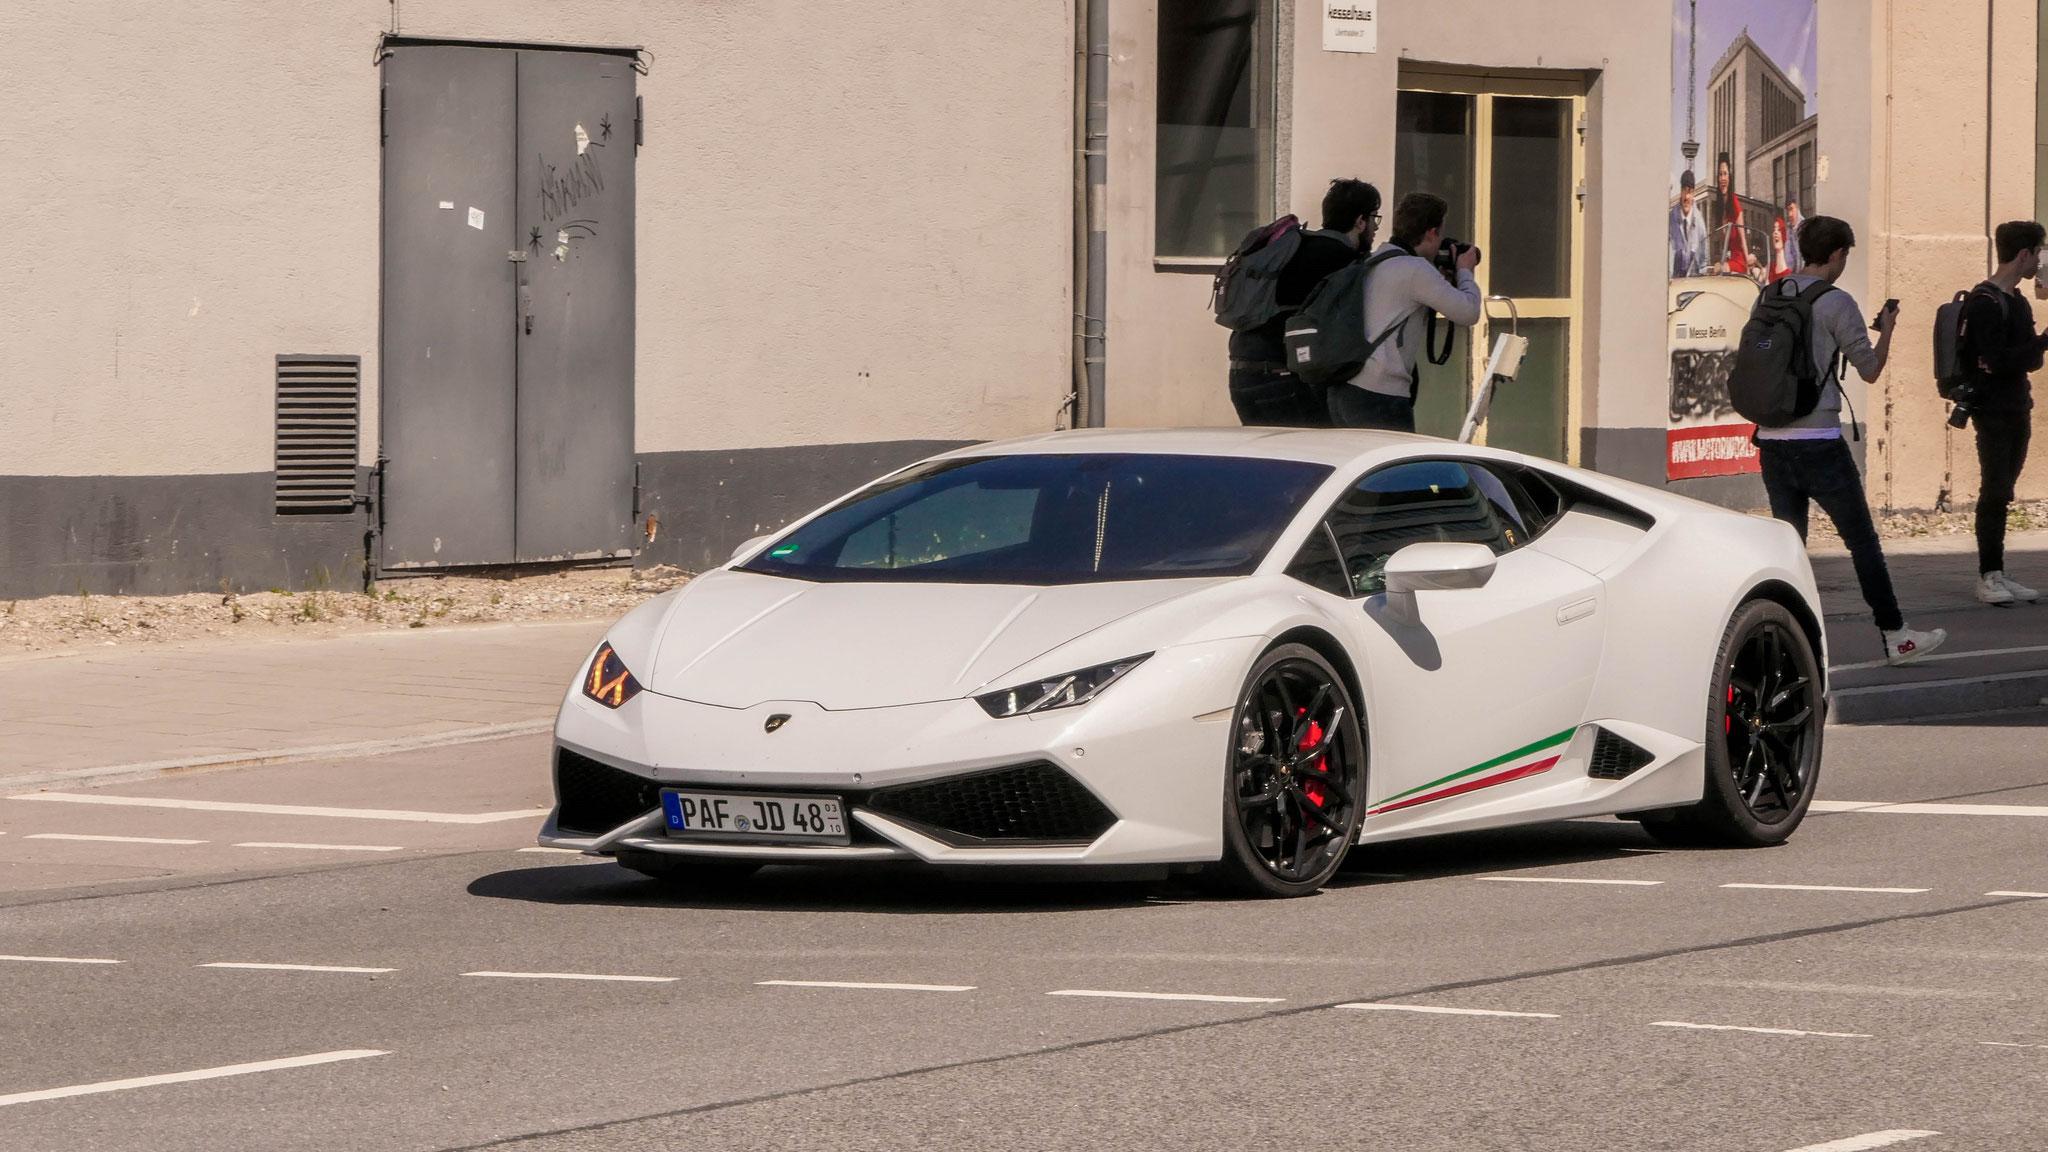 Lamborghini Huracan - PAF-JD-48